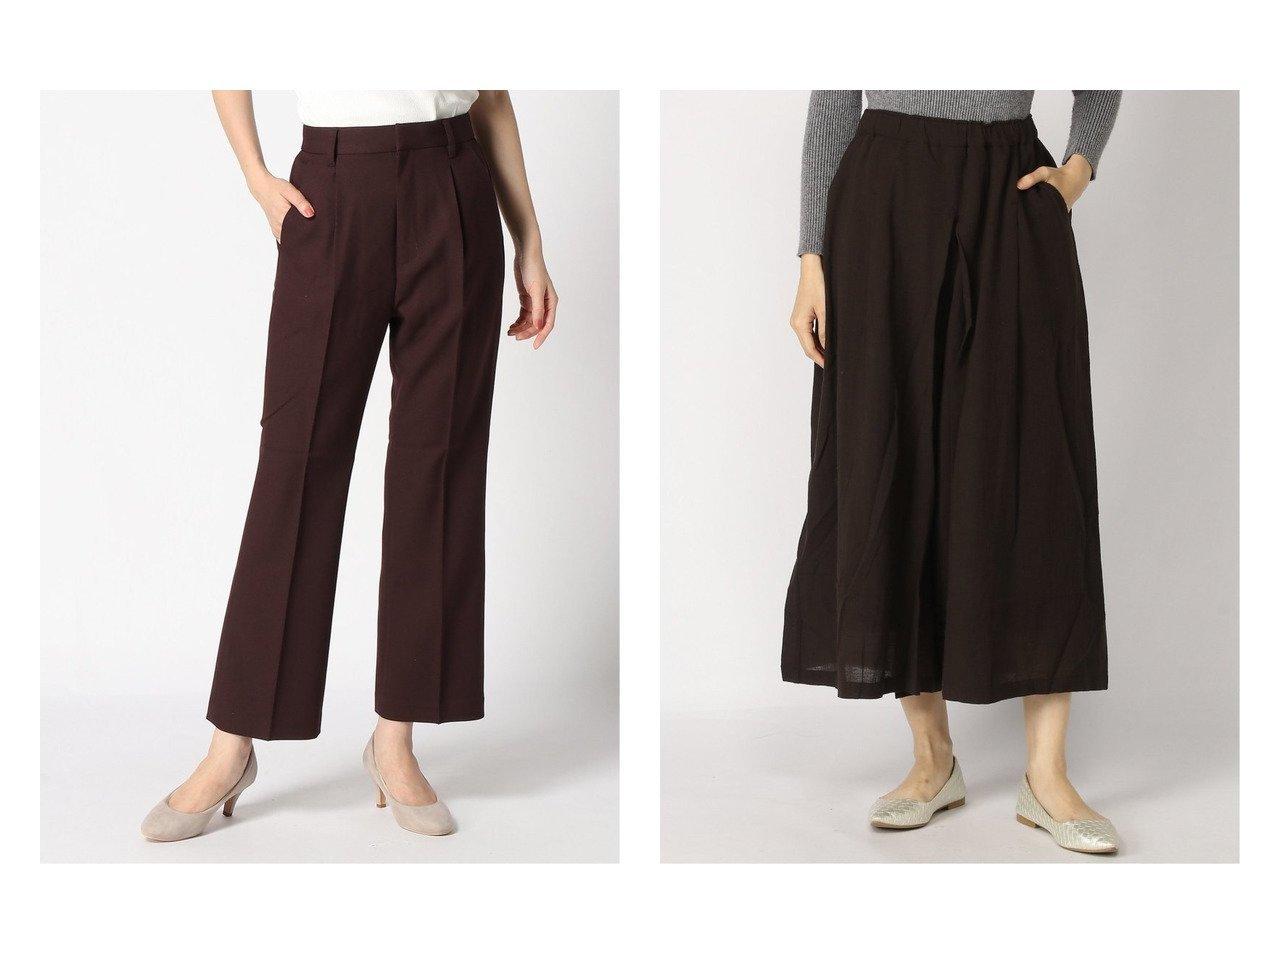 【LOWRYS FARM/ローリーズファーム】のLANATECフレアパンツ&【studio CLIP/スタディオ クリップ】のNA-ガーゼスカートパンツ パンツのおすすめ!人気、レディースファッションの通販 おすすめで人気のファッション通販商品 インテリア・家具・キッズファッション・メンズファッション・レディースファッション・服の通販 founy(ファニー) https://founy.com/ ファッション Fashion レディース WOMEN パンツ Pants スカート Skirt ジーンズ ストレッチ チェック フレア |ID:crp329100000002633